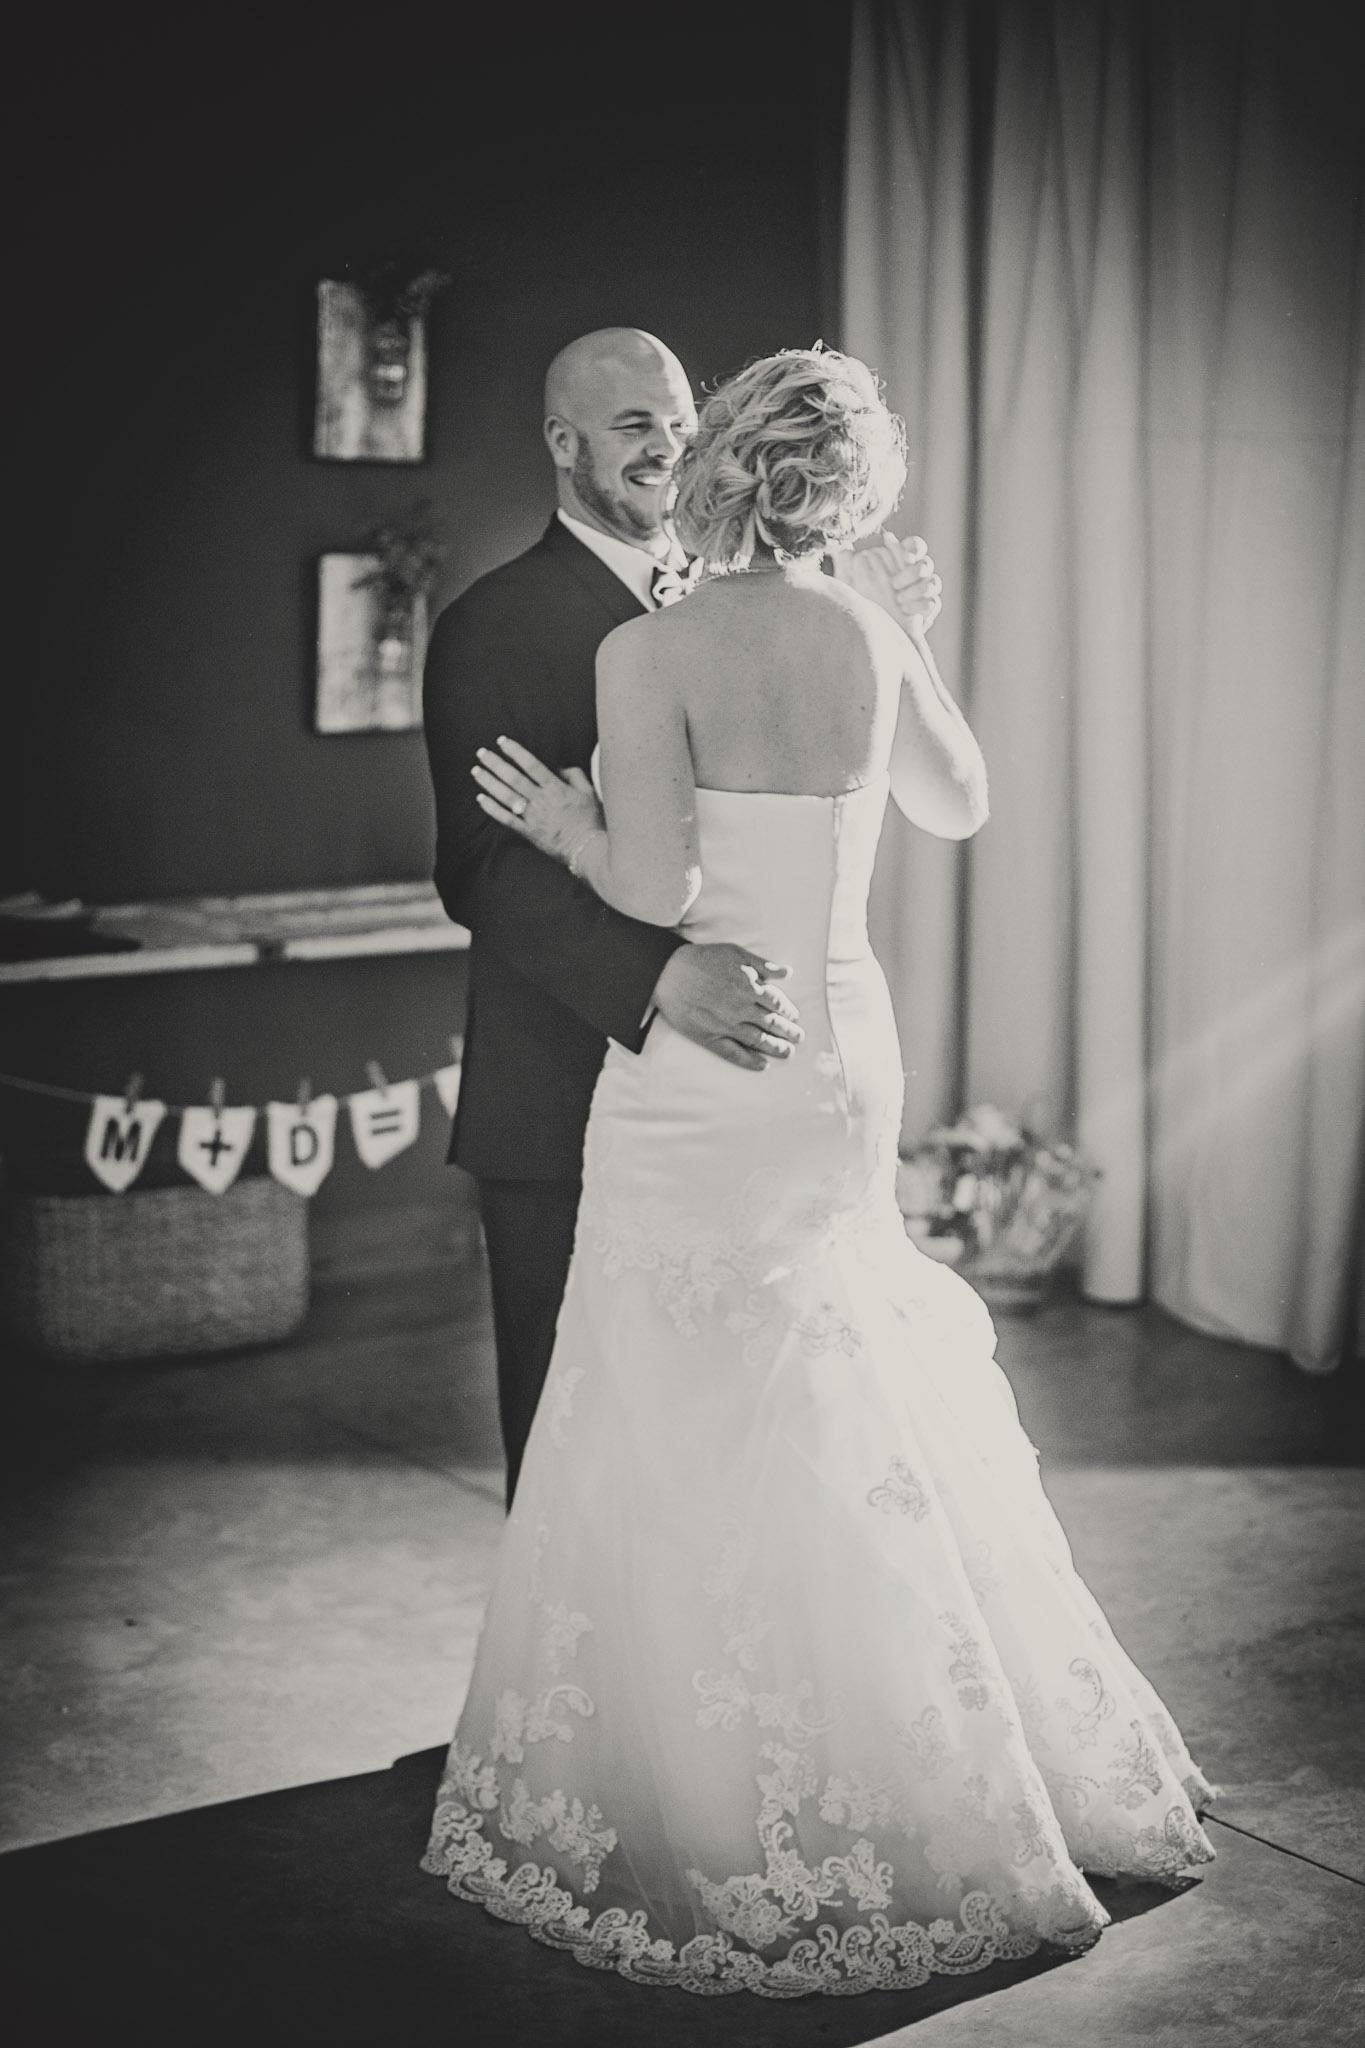 Kansas+City-Small+Wedding-Elope_Intimate_Ceremony_Melanie+David-27.jpg